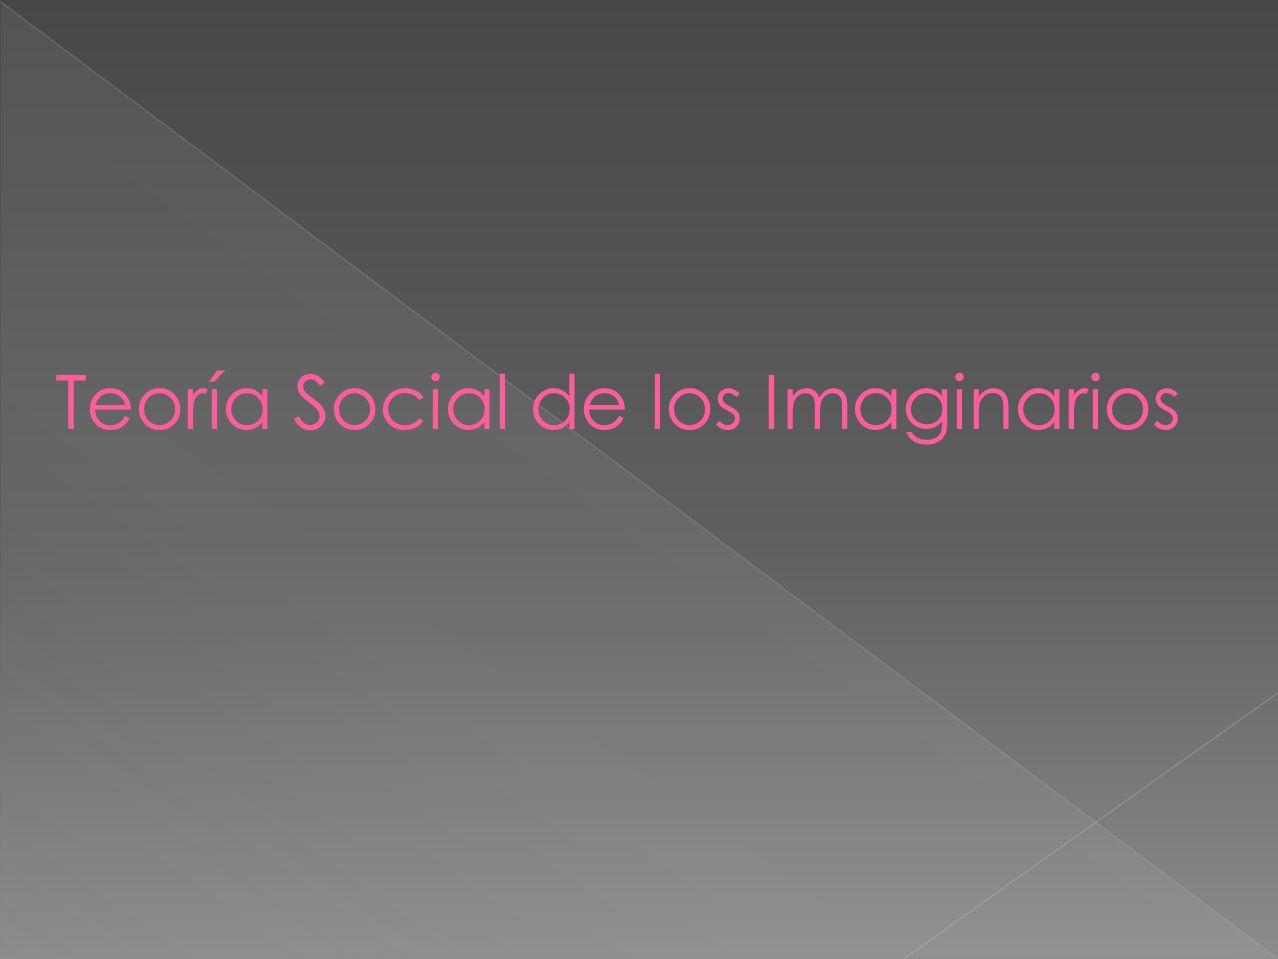 Teoría Social de los Imaginarios